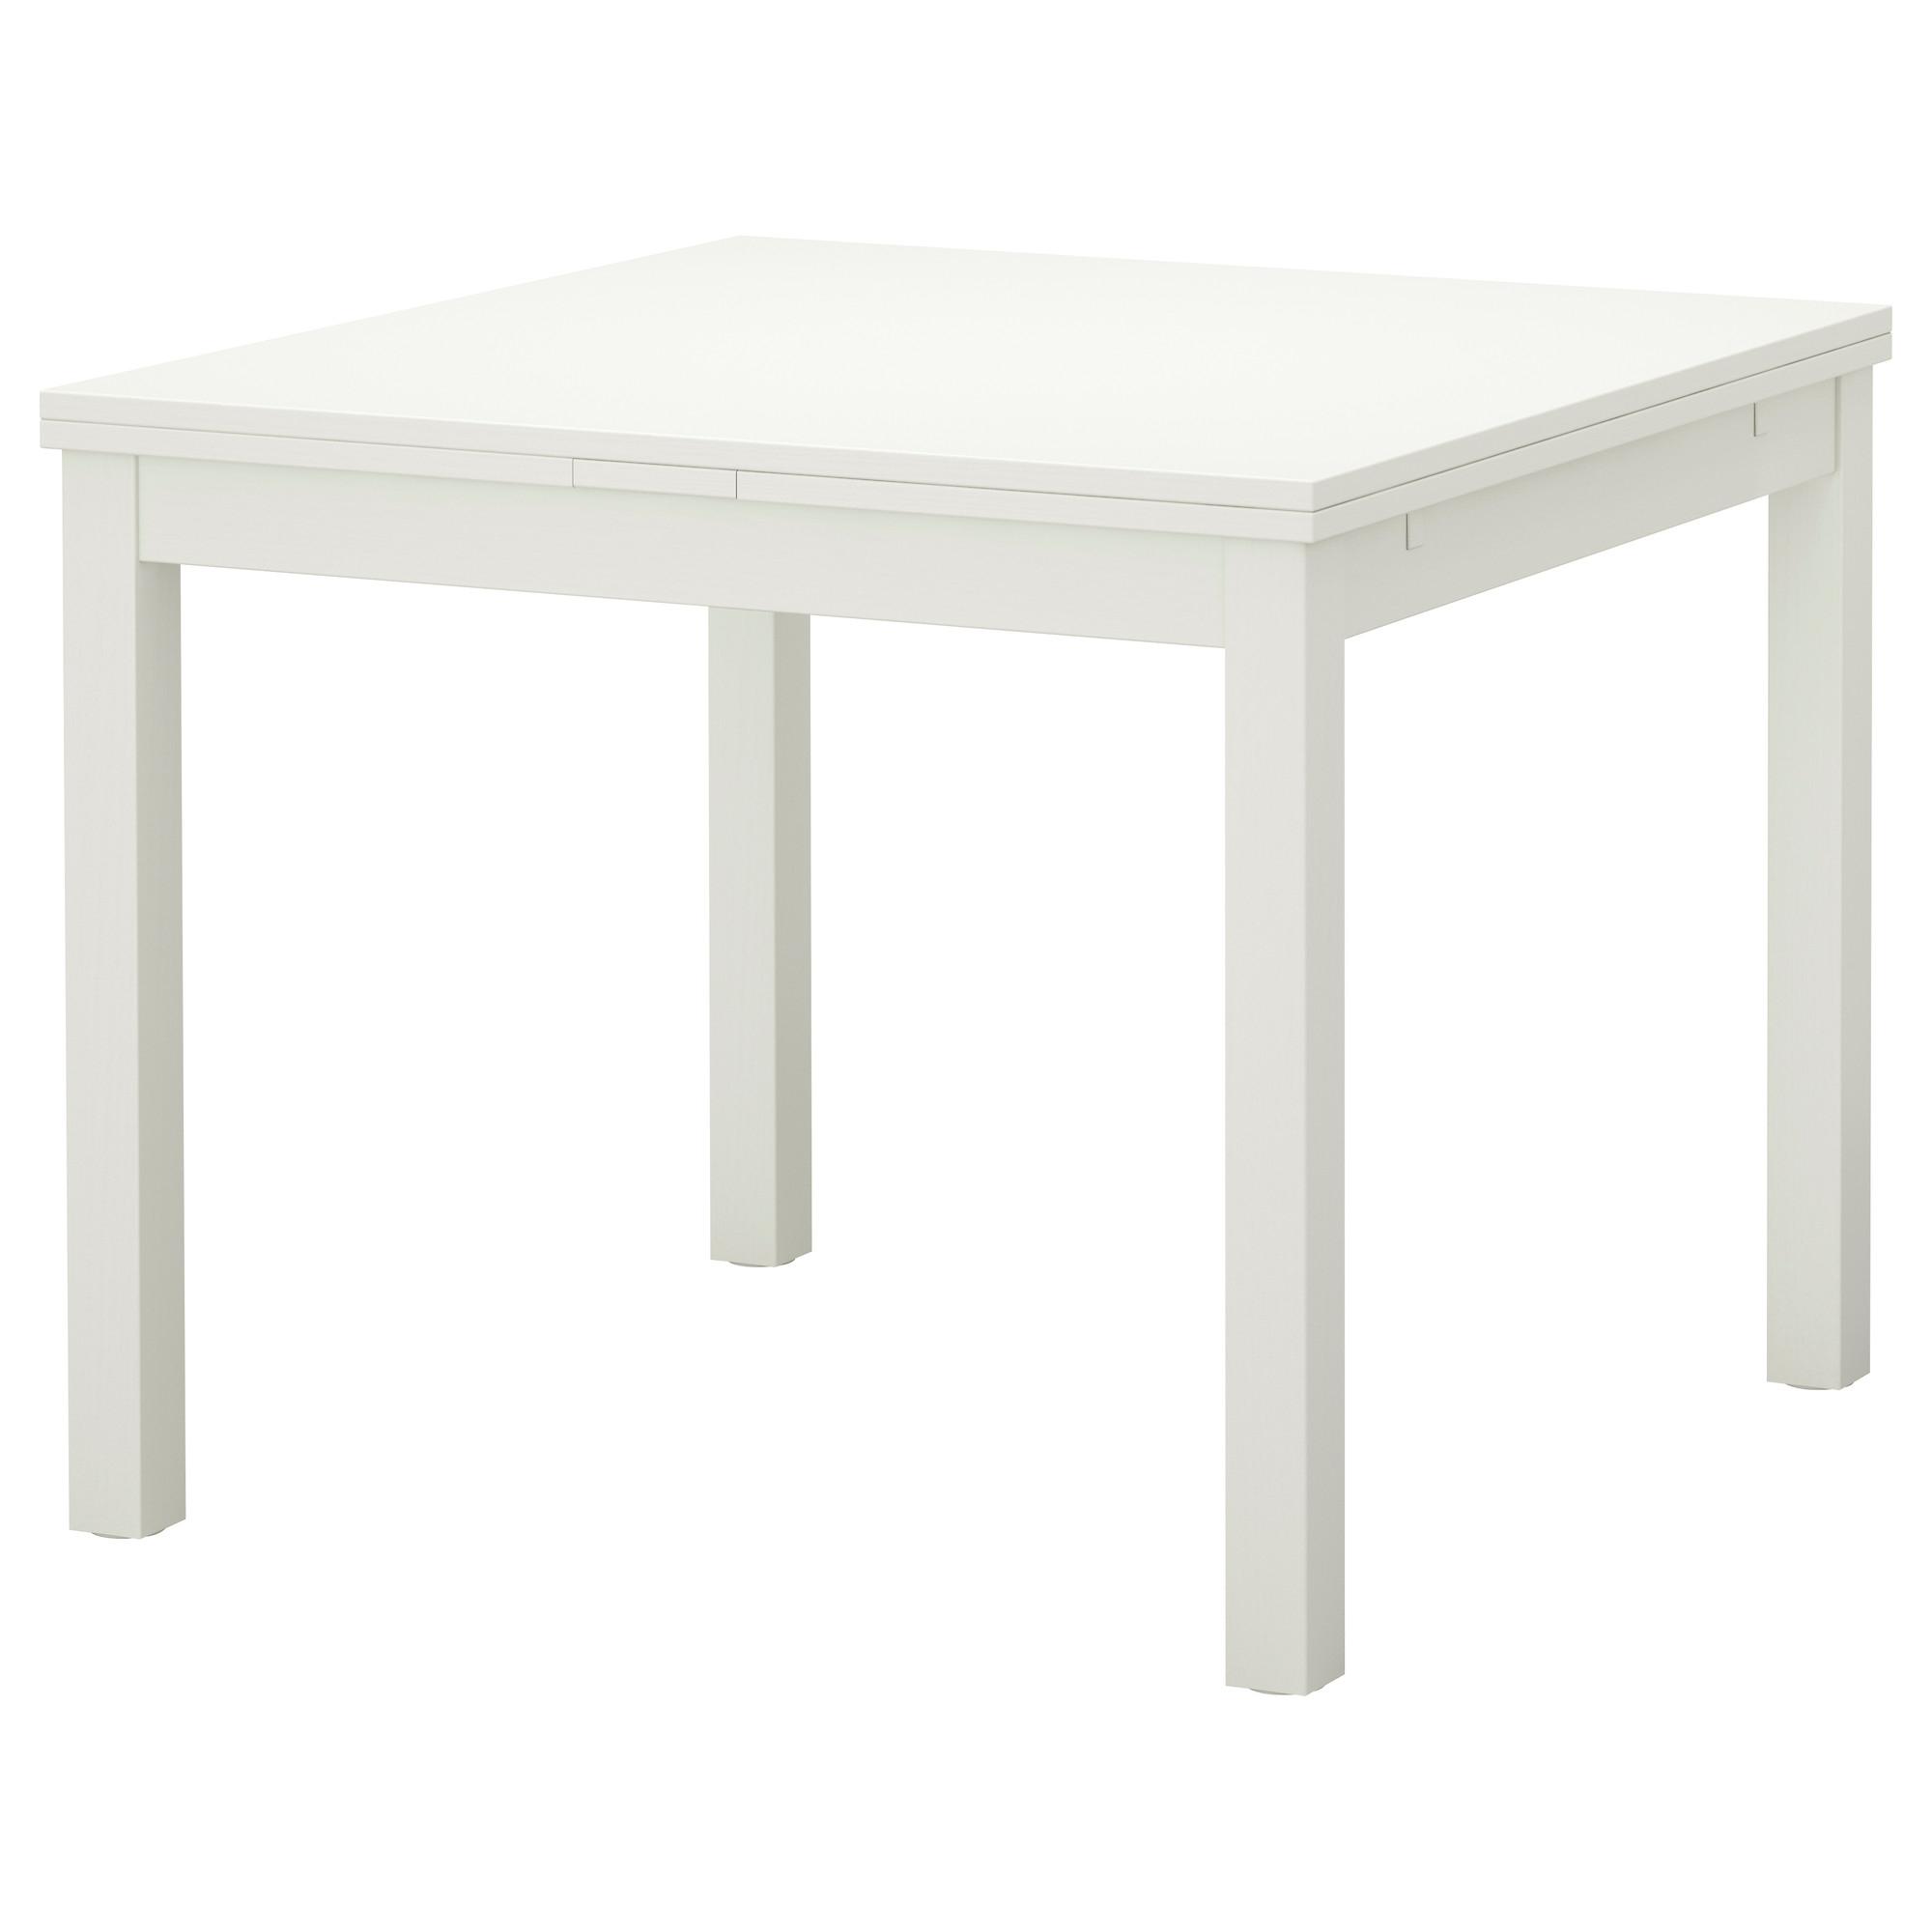 Bjursta mesa extensible 90 129 168x90 blanco for Mesa cocina extensible ikea